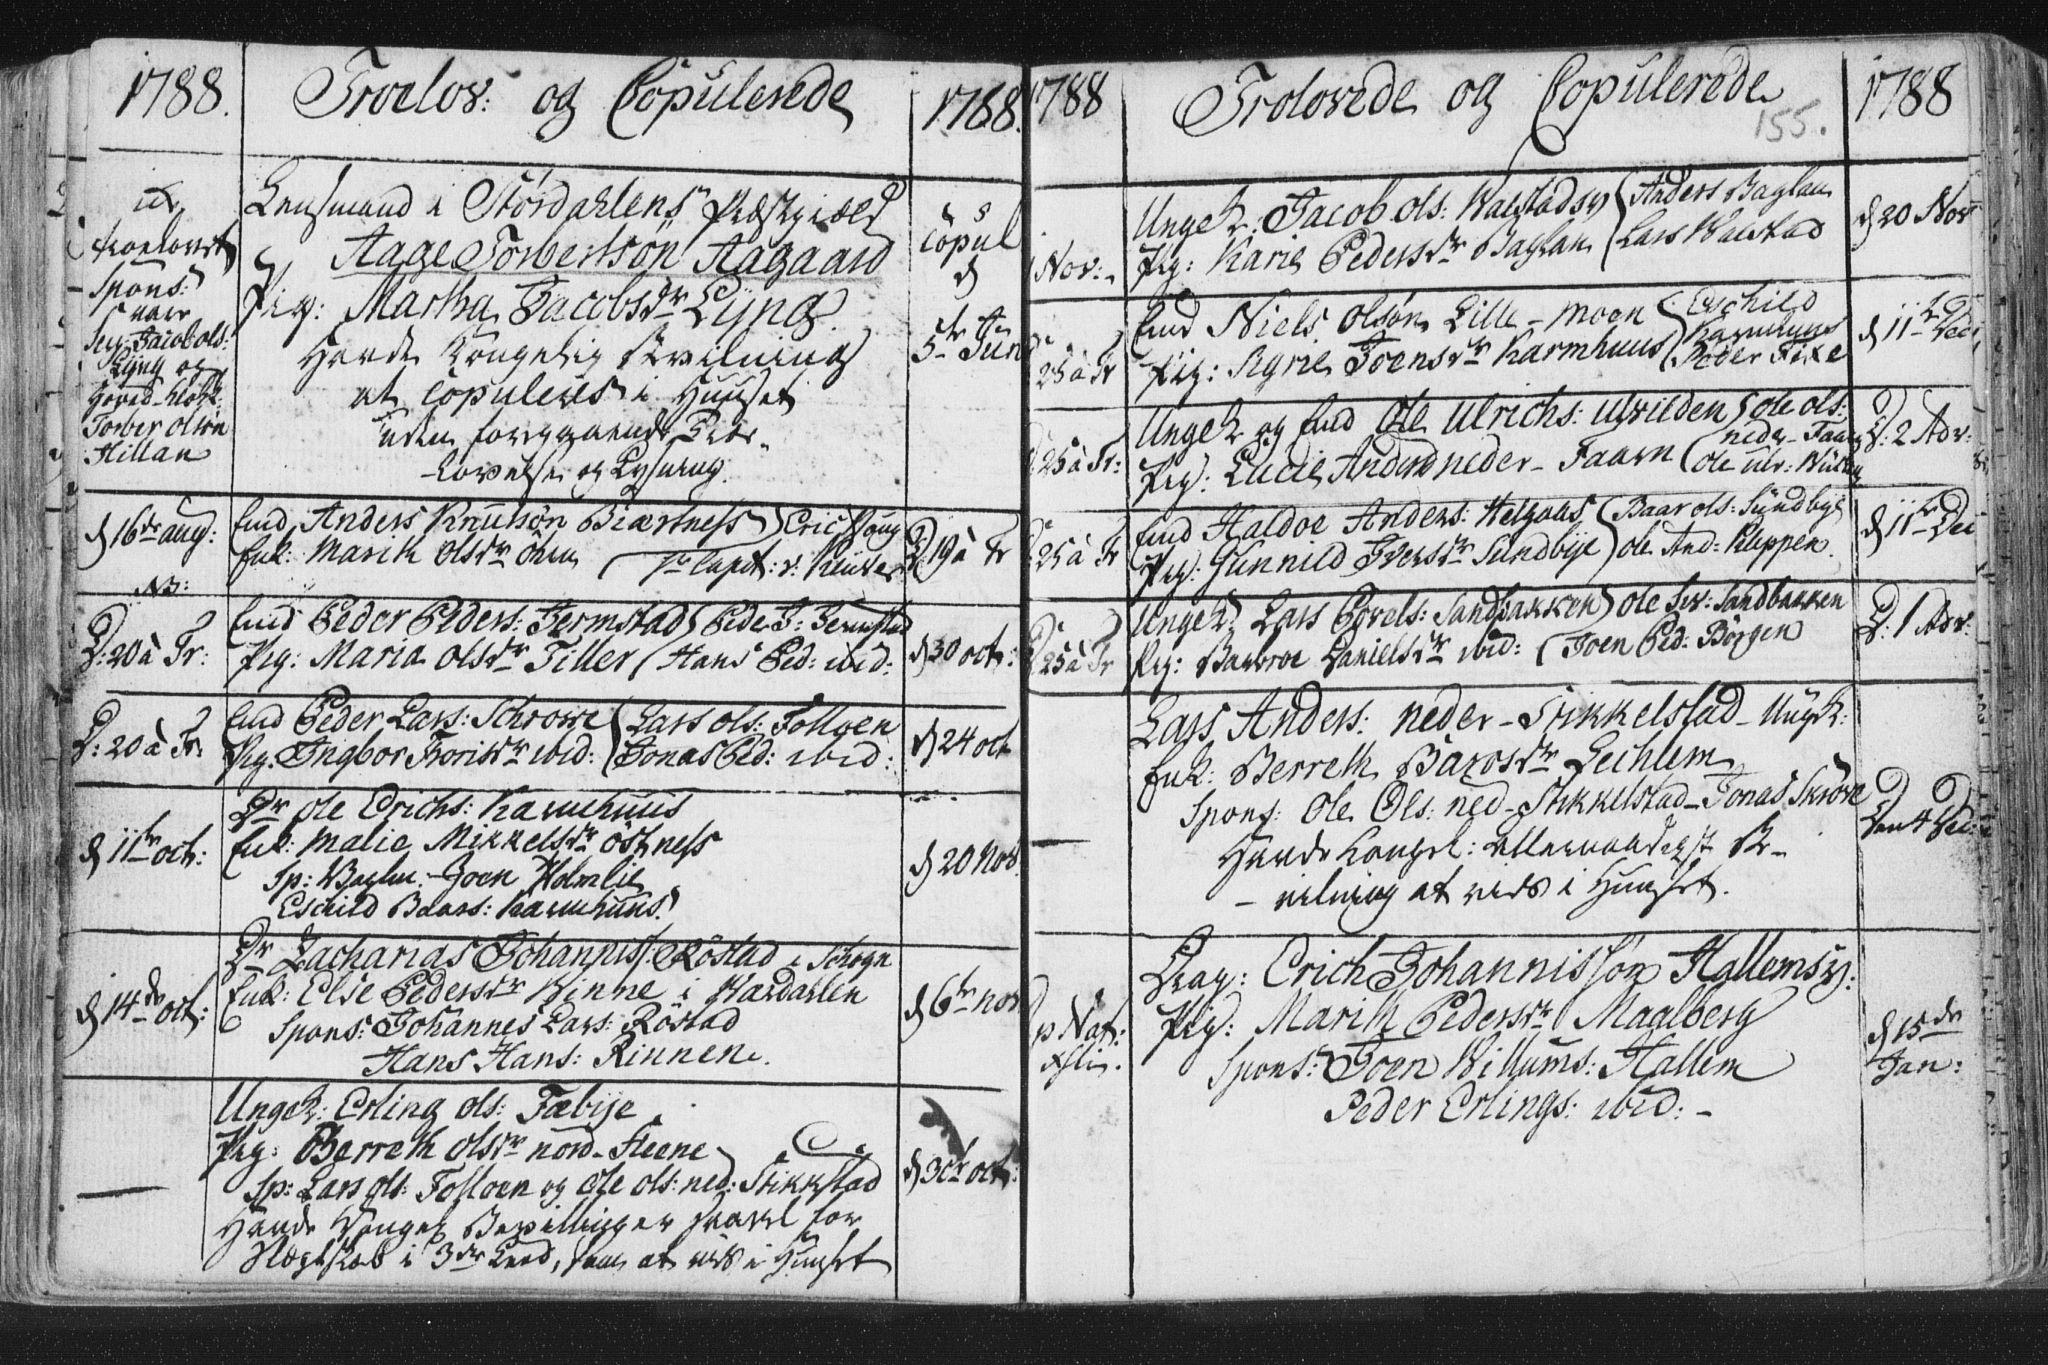 SAT, Ministerialprotokoller, klokkerbøker og fødselsregistre - Nord-Trøndelag, 723/L0232: Ministerialbok nr. 723A03, 1781-1804, s. 155